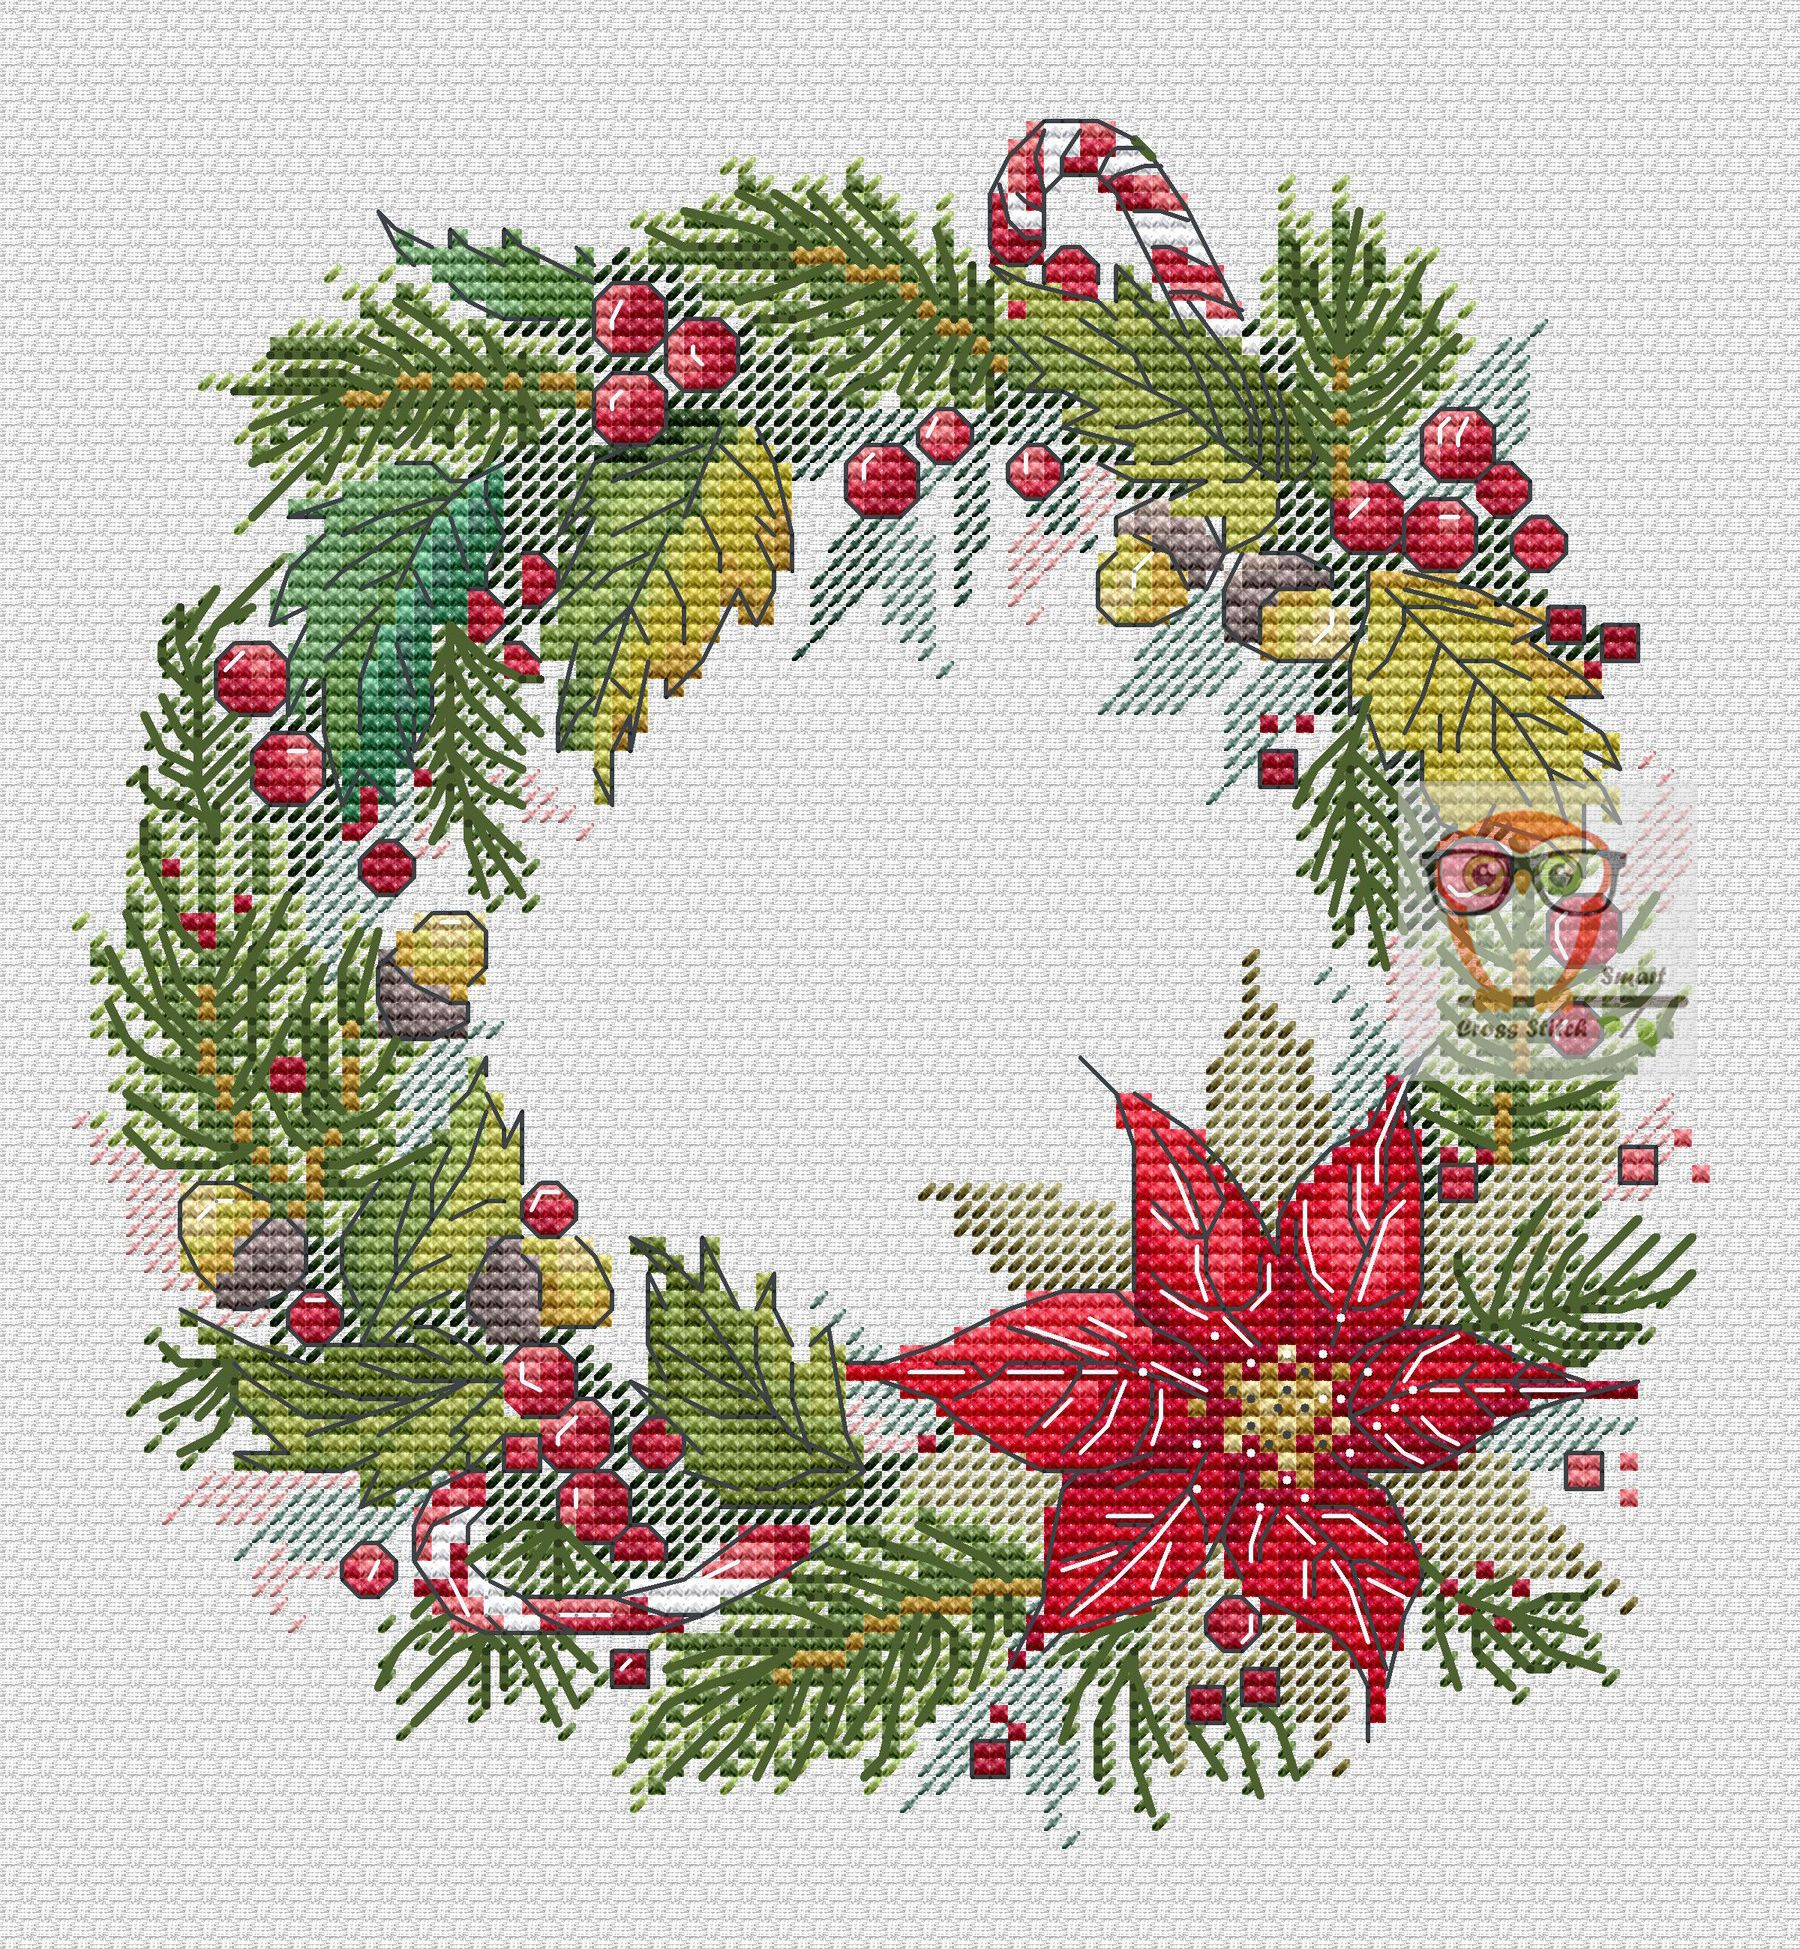 Christmas wreathuu cross stitch pattern cross stitch patterns